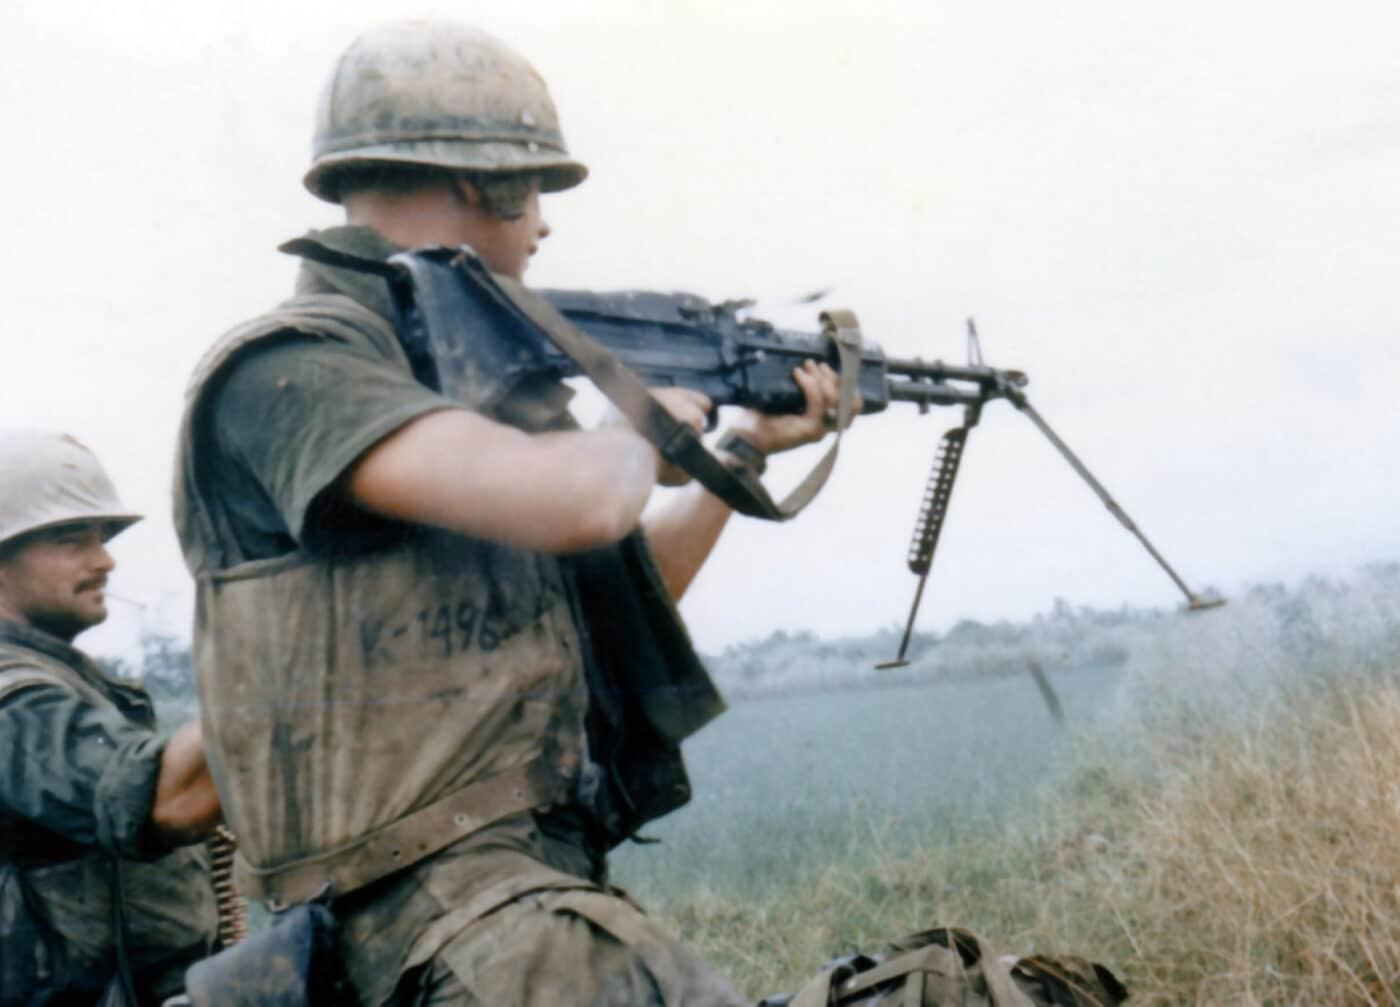 U.S. Marine fires the M60 machine gun from the shoulder in Vietnam